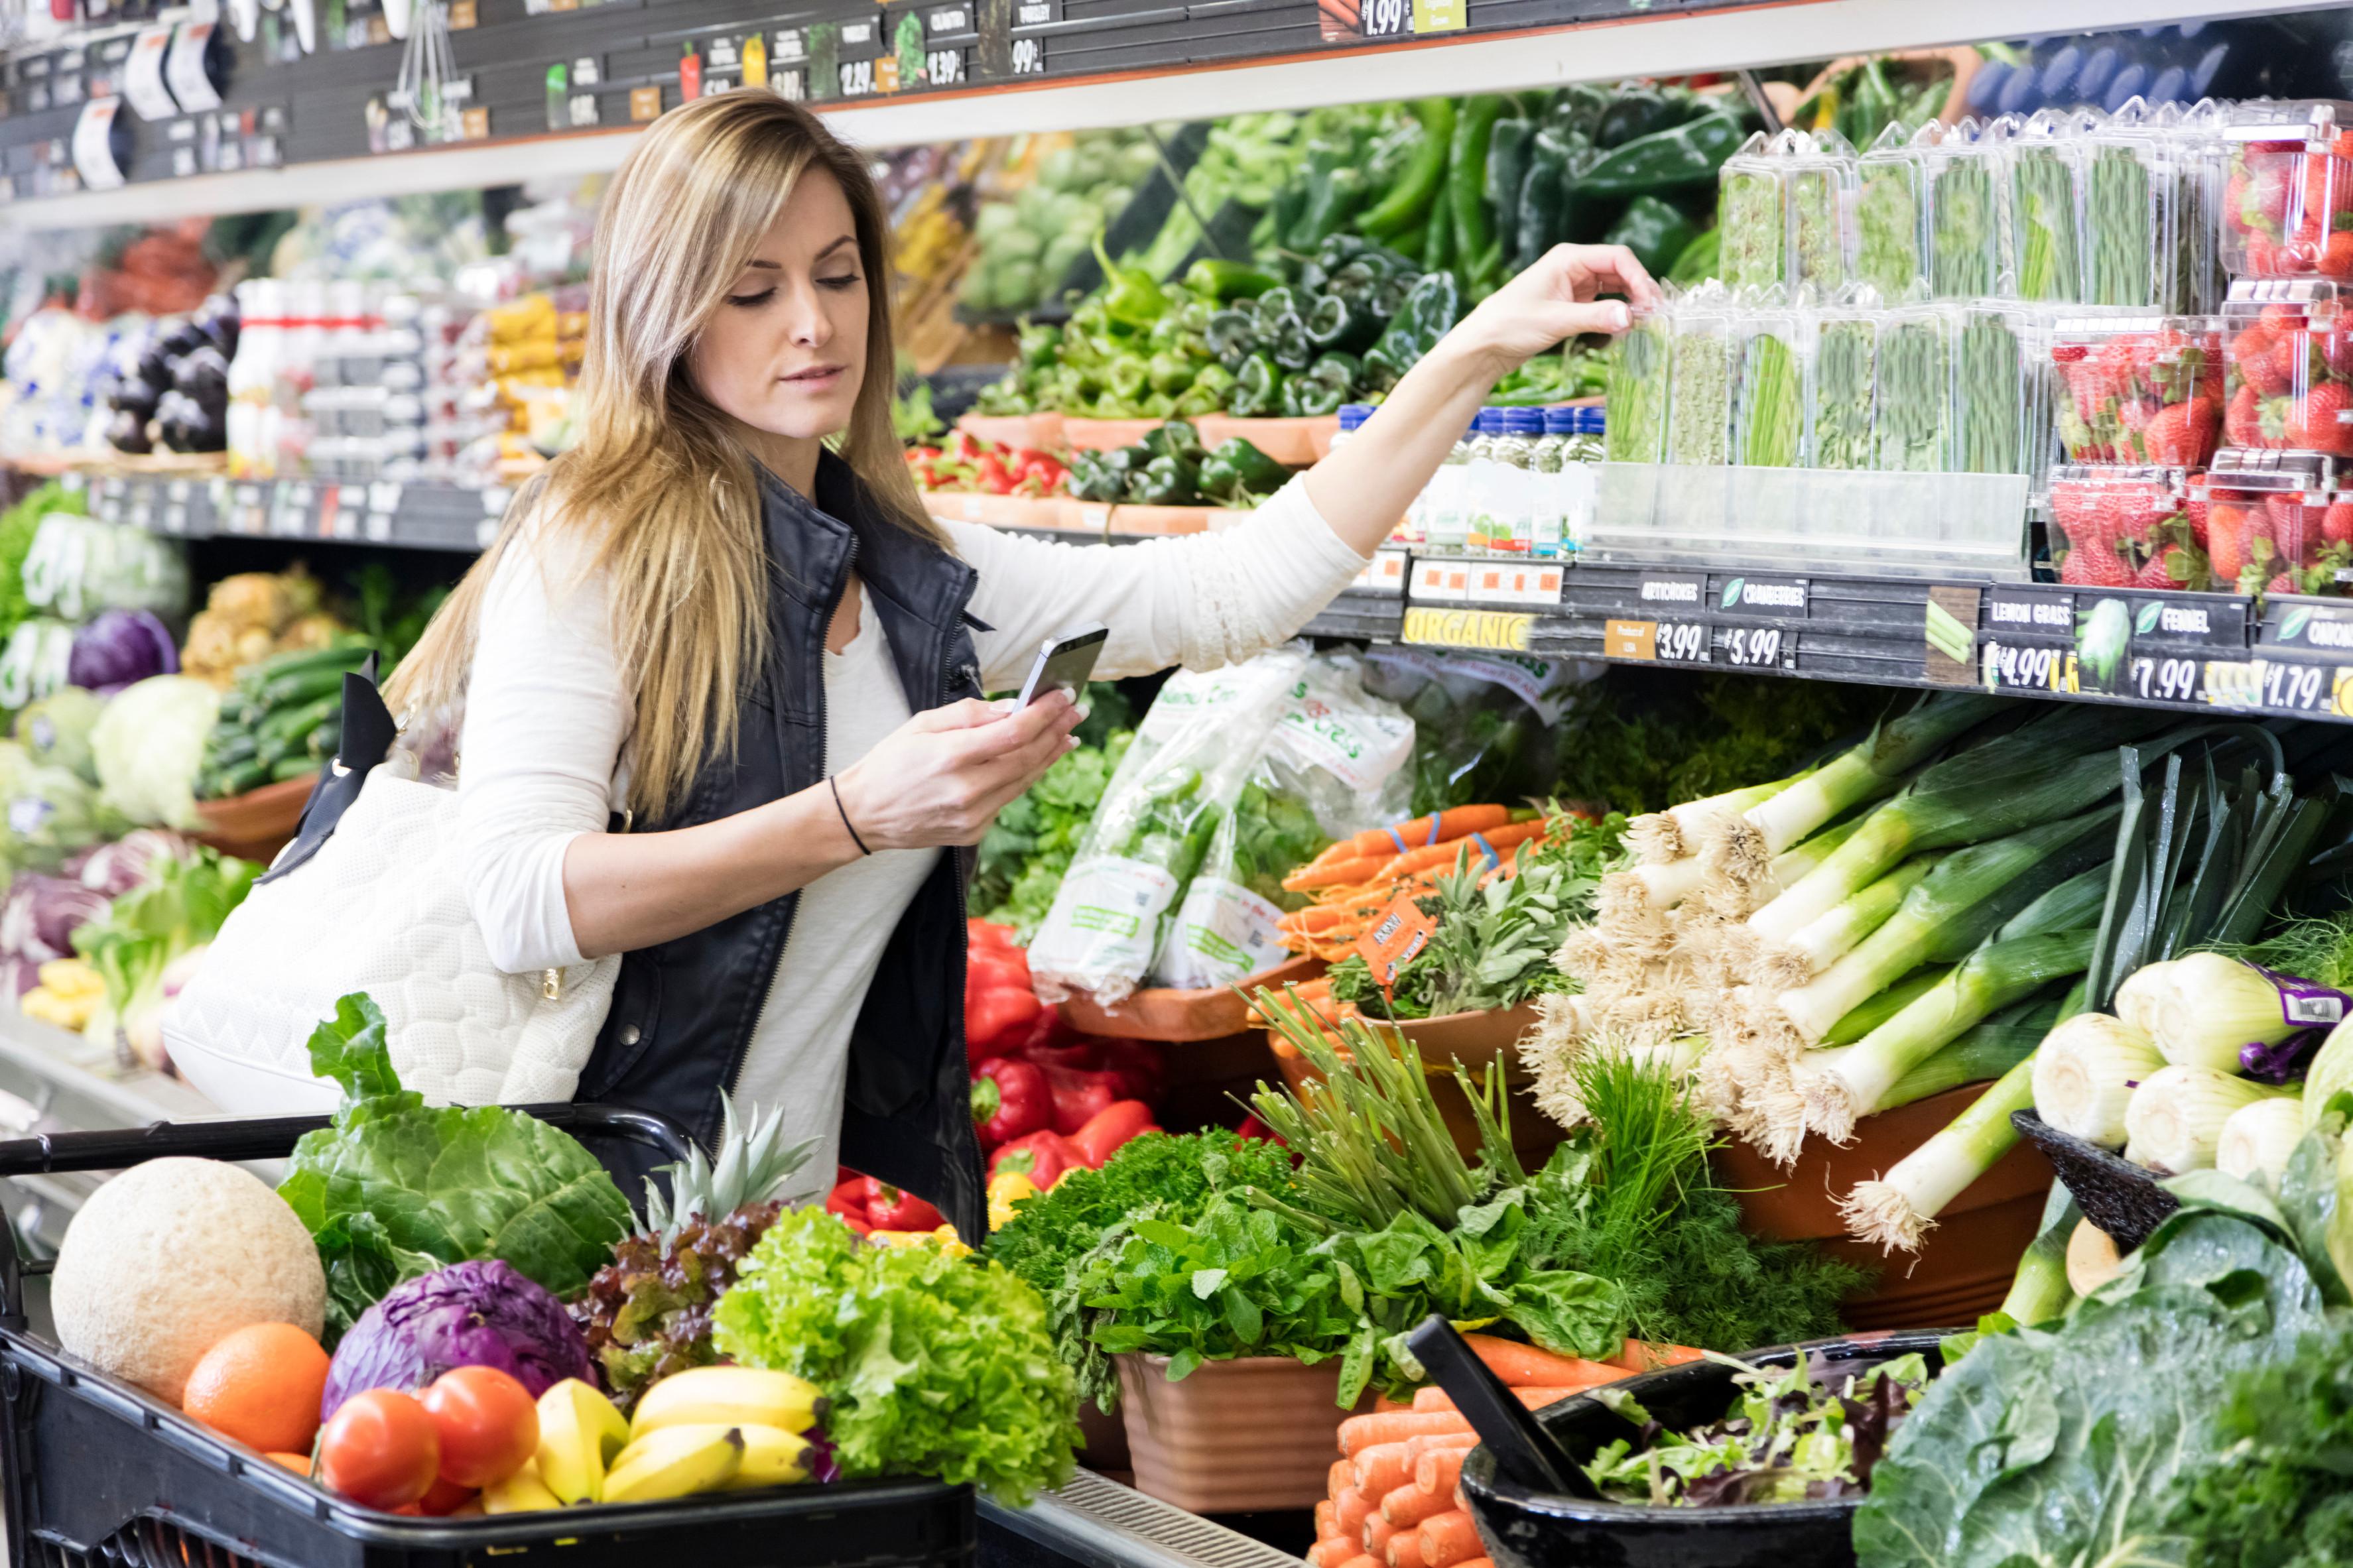 Misurare la freschezza degli alimenti con lo smartphone: ora si può thumbnail